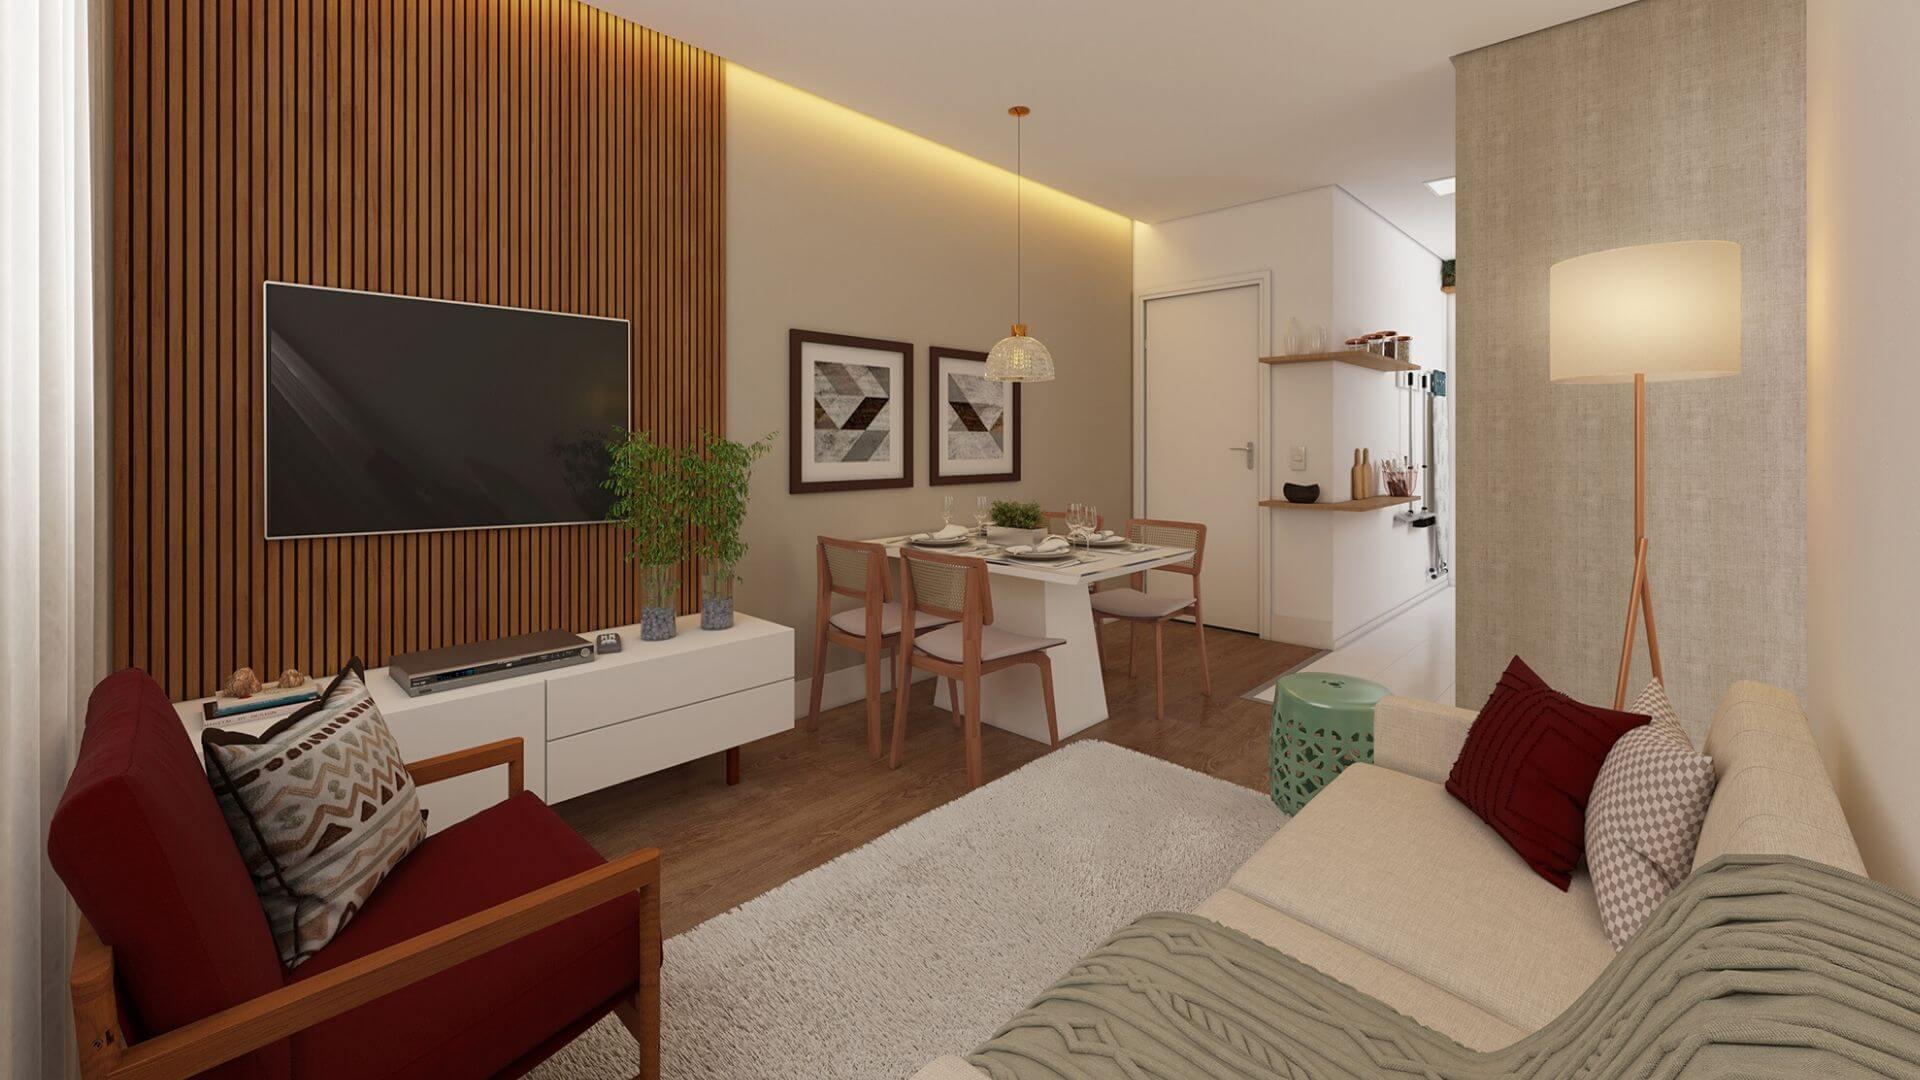 Apartamento à venda em Nova Primavera I | Canoas | RS | foto 12 | tenda.com